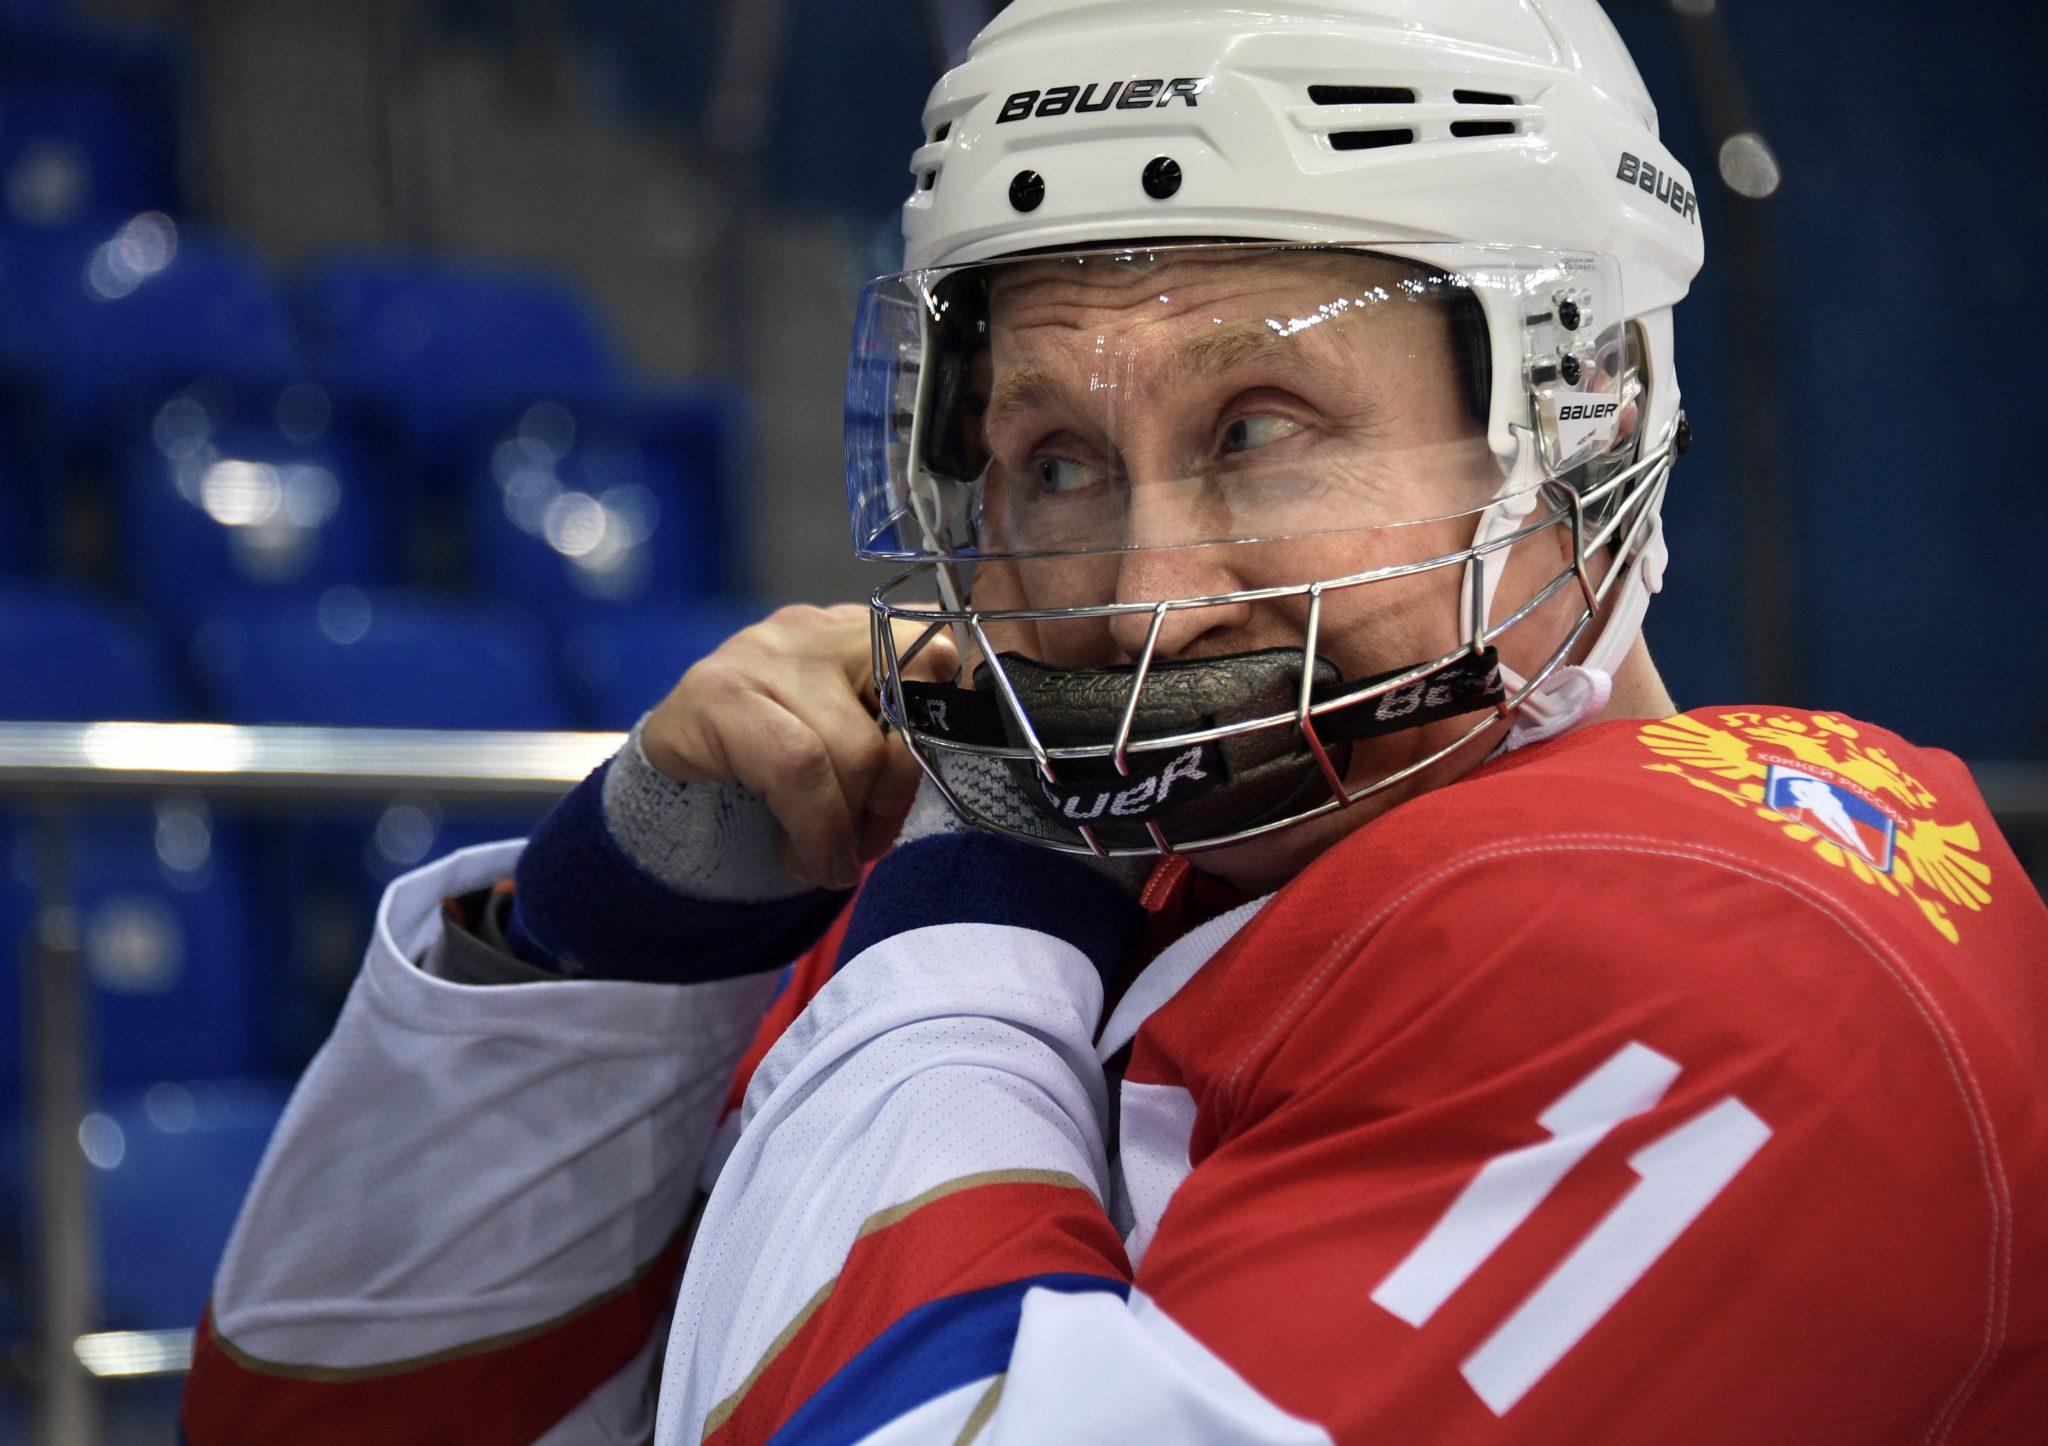 Rosja: prezydent Rosji Władimir Putin podczas hokejowego treningu w Sochi (foto. PAP/EPA/ALEXEY NIKOLSKY)